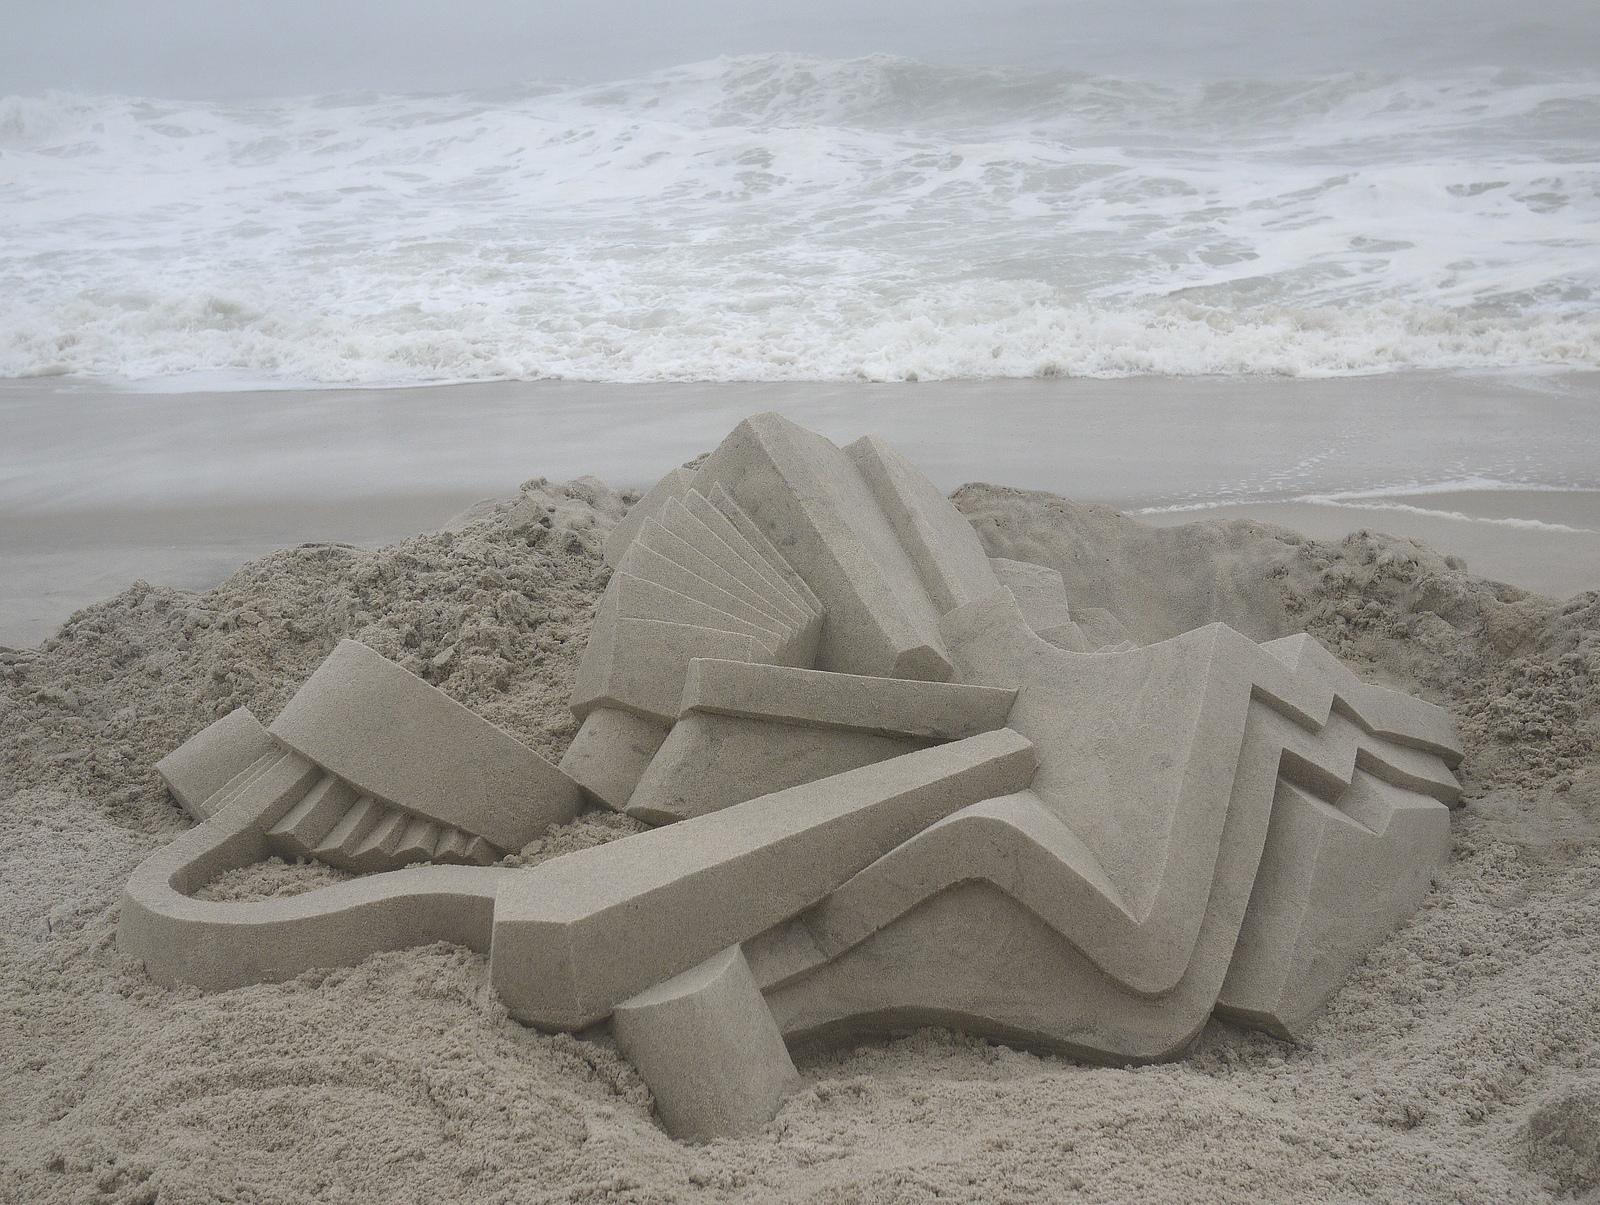 sand-castles-calvin-seibert- 05